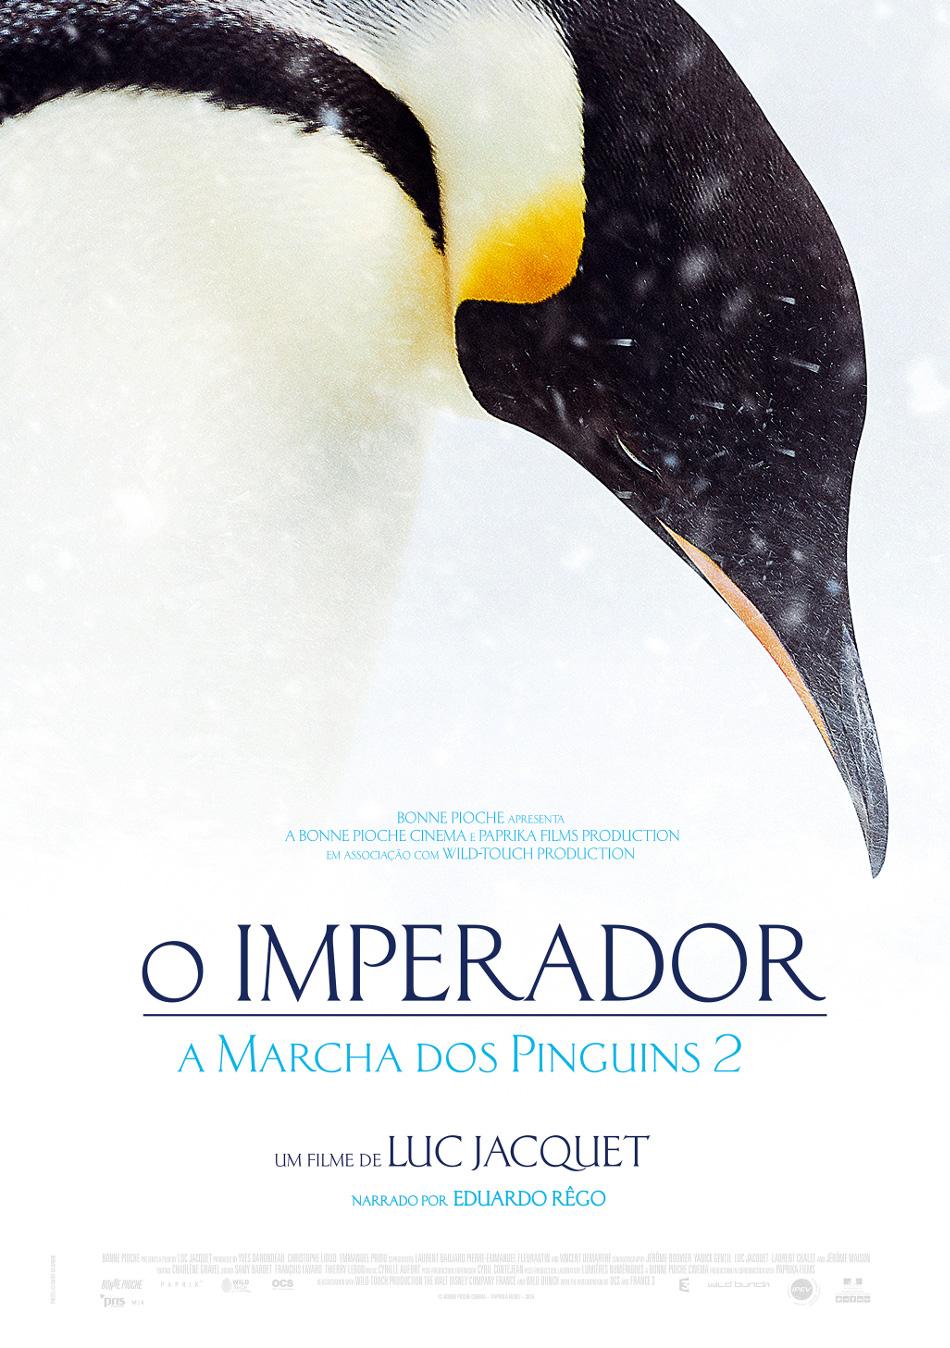 DOS A PINGUINS BAIXAR FILME MARCHA